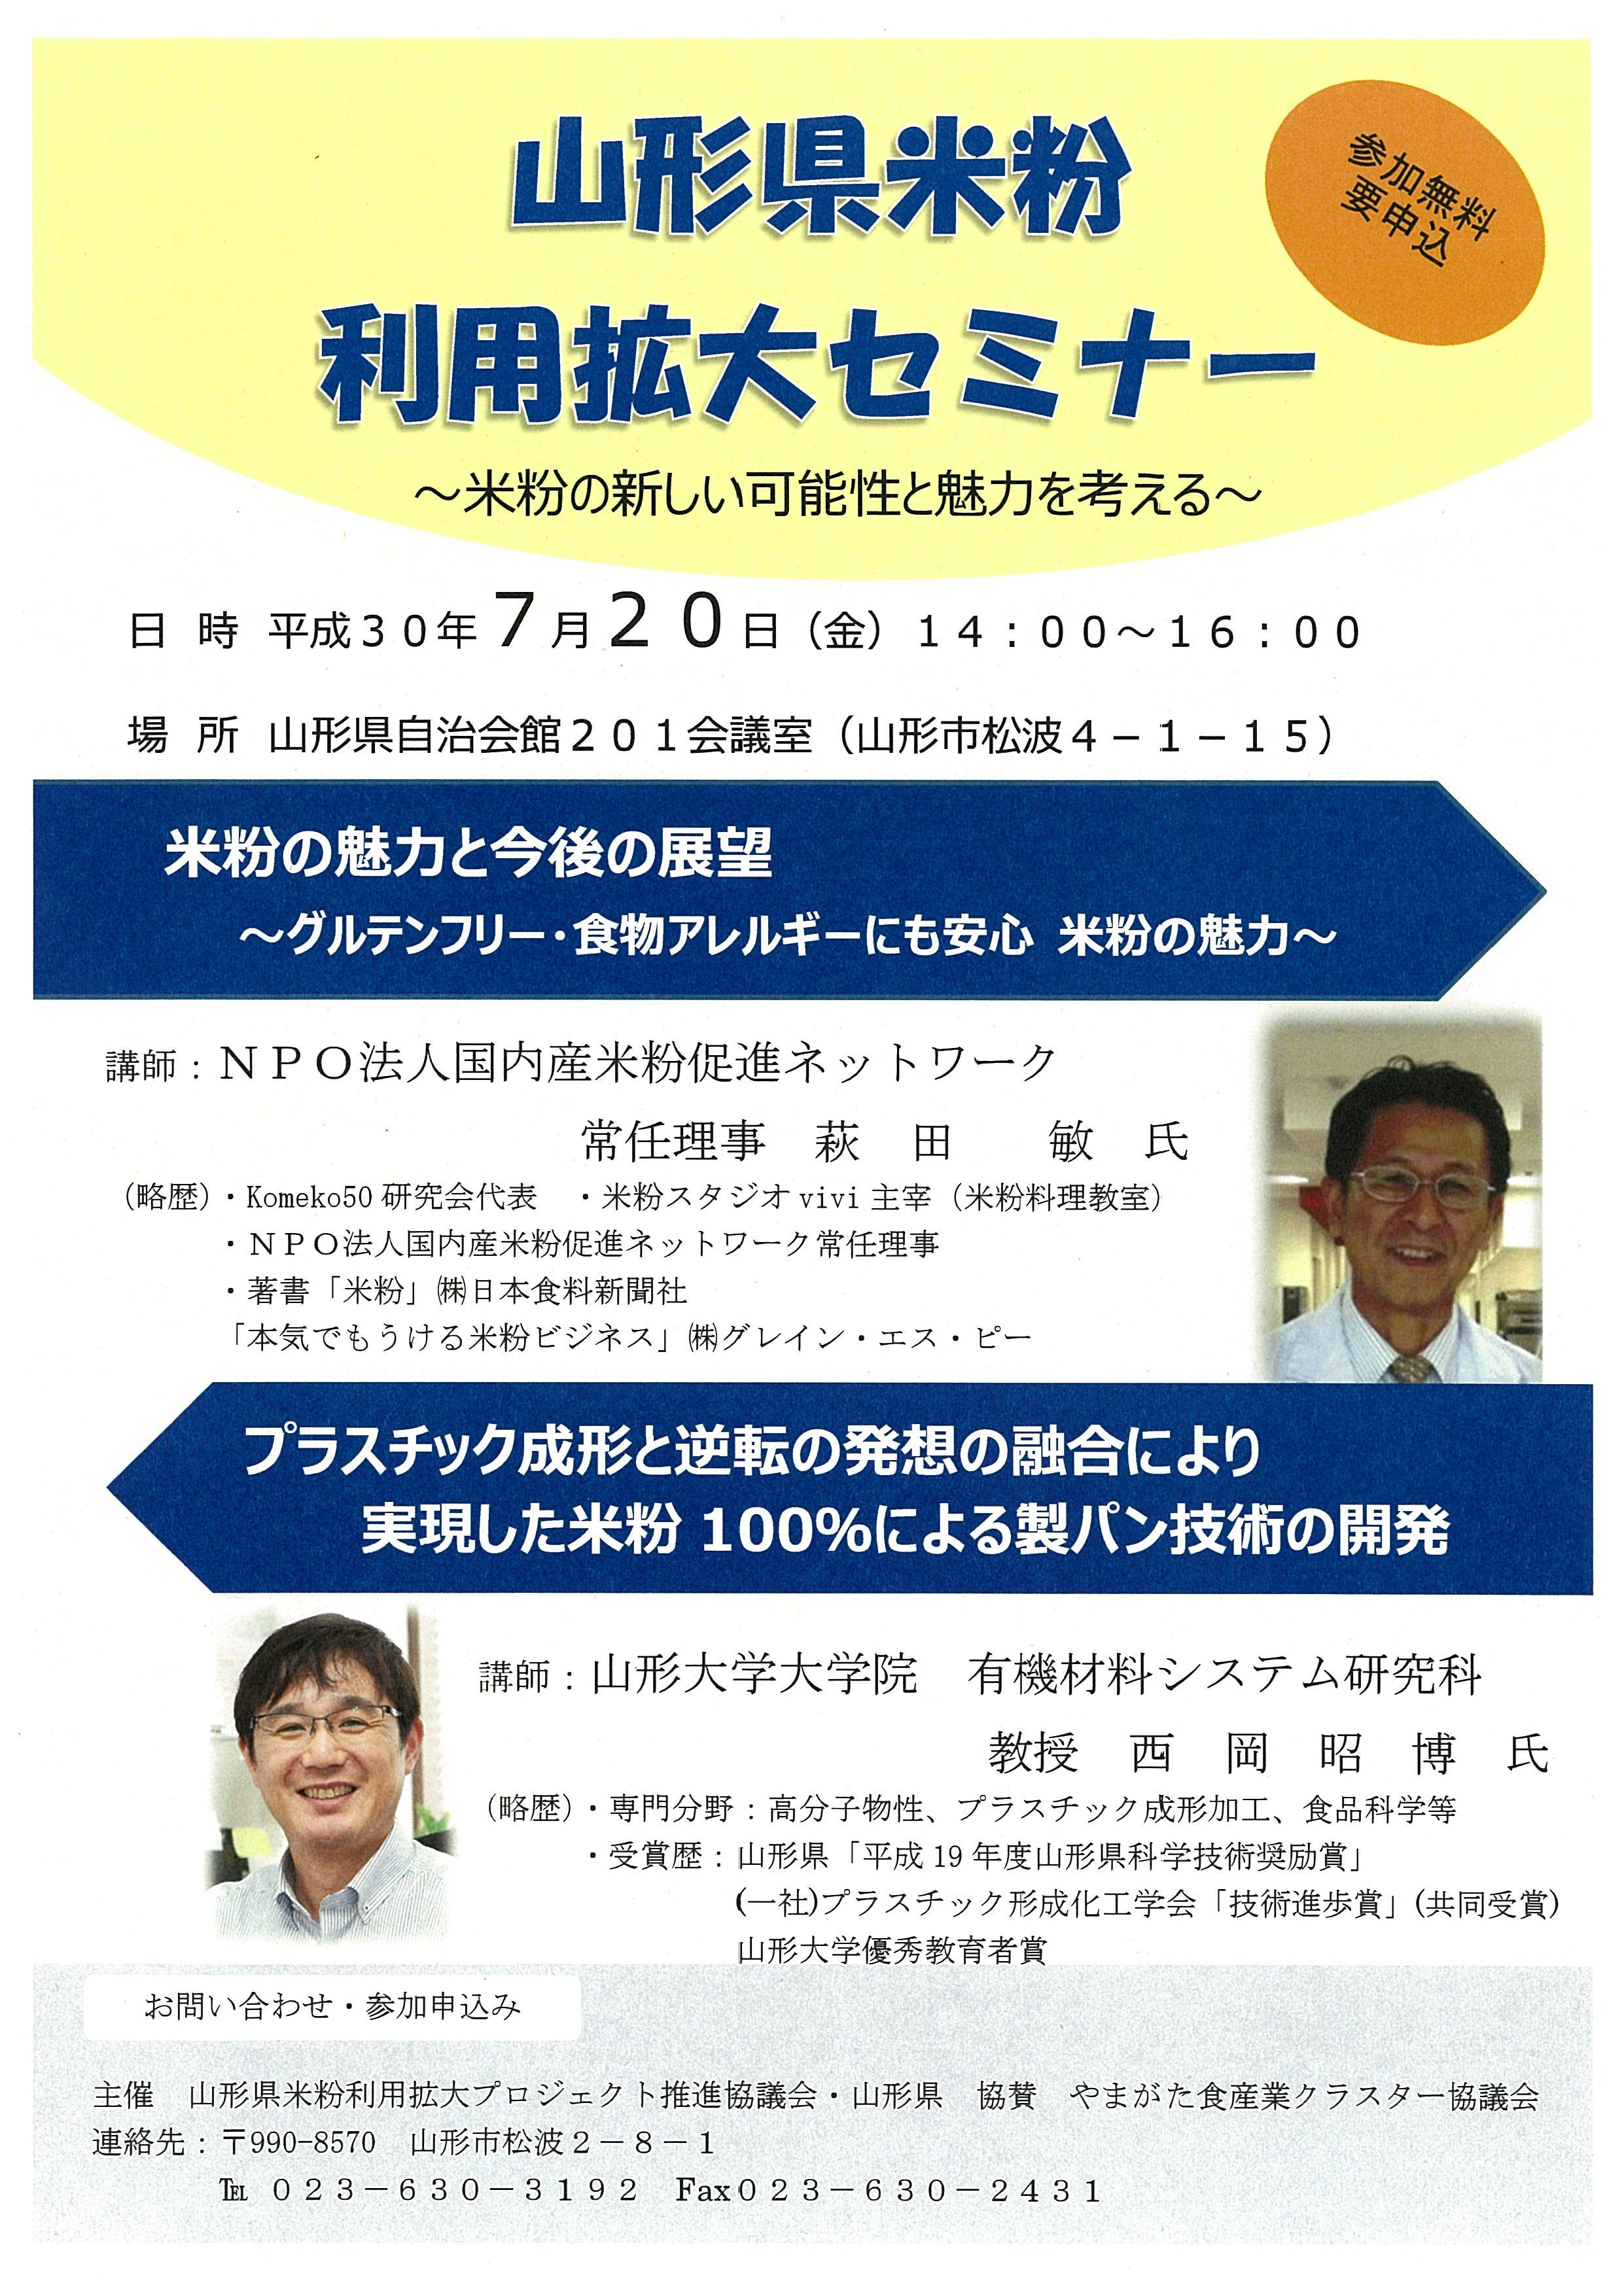 山形県米粉利用拡大セミナー〜米粉の新しい可能性と魅力を考える〜 の開催について(御案内):画像